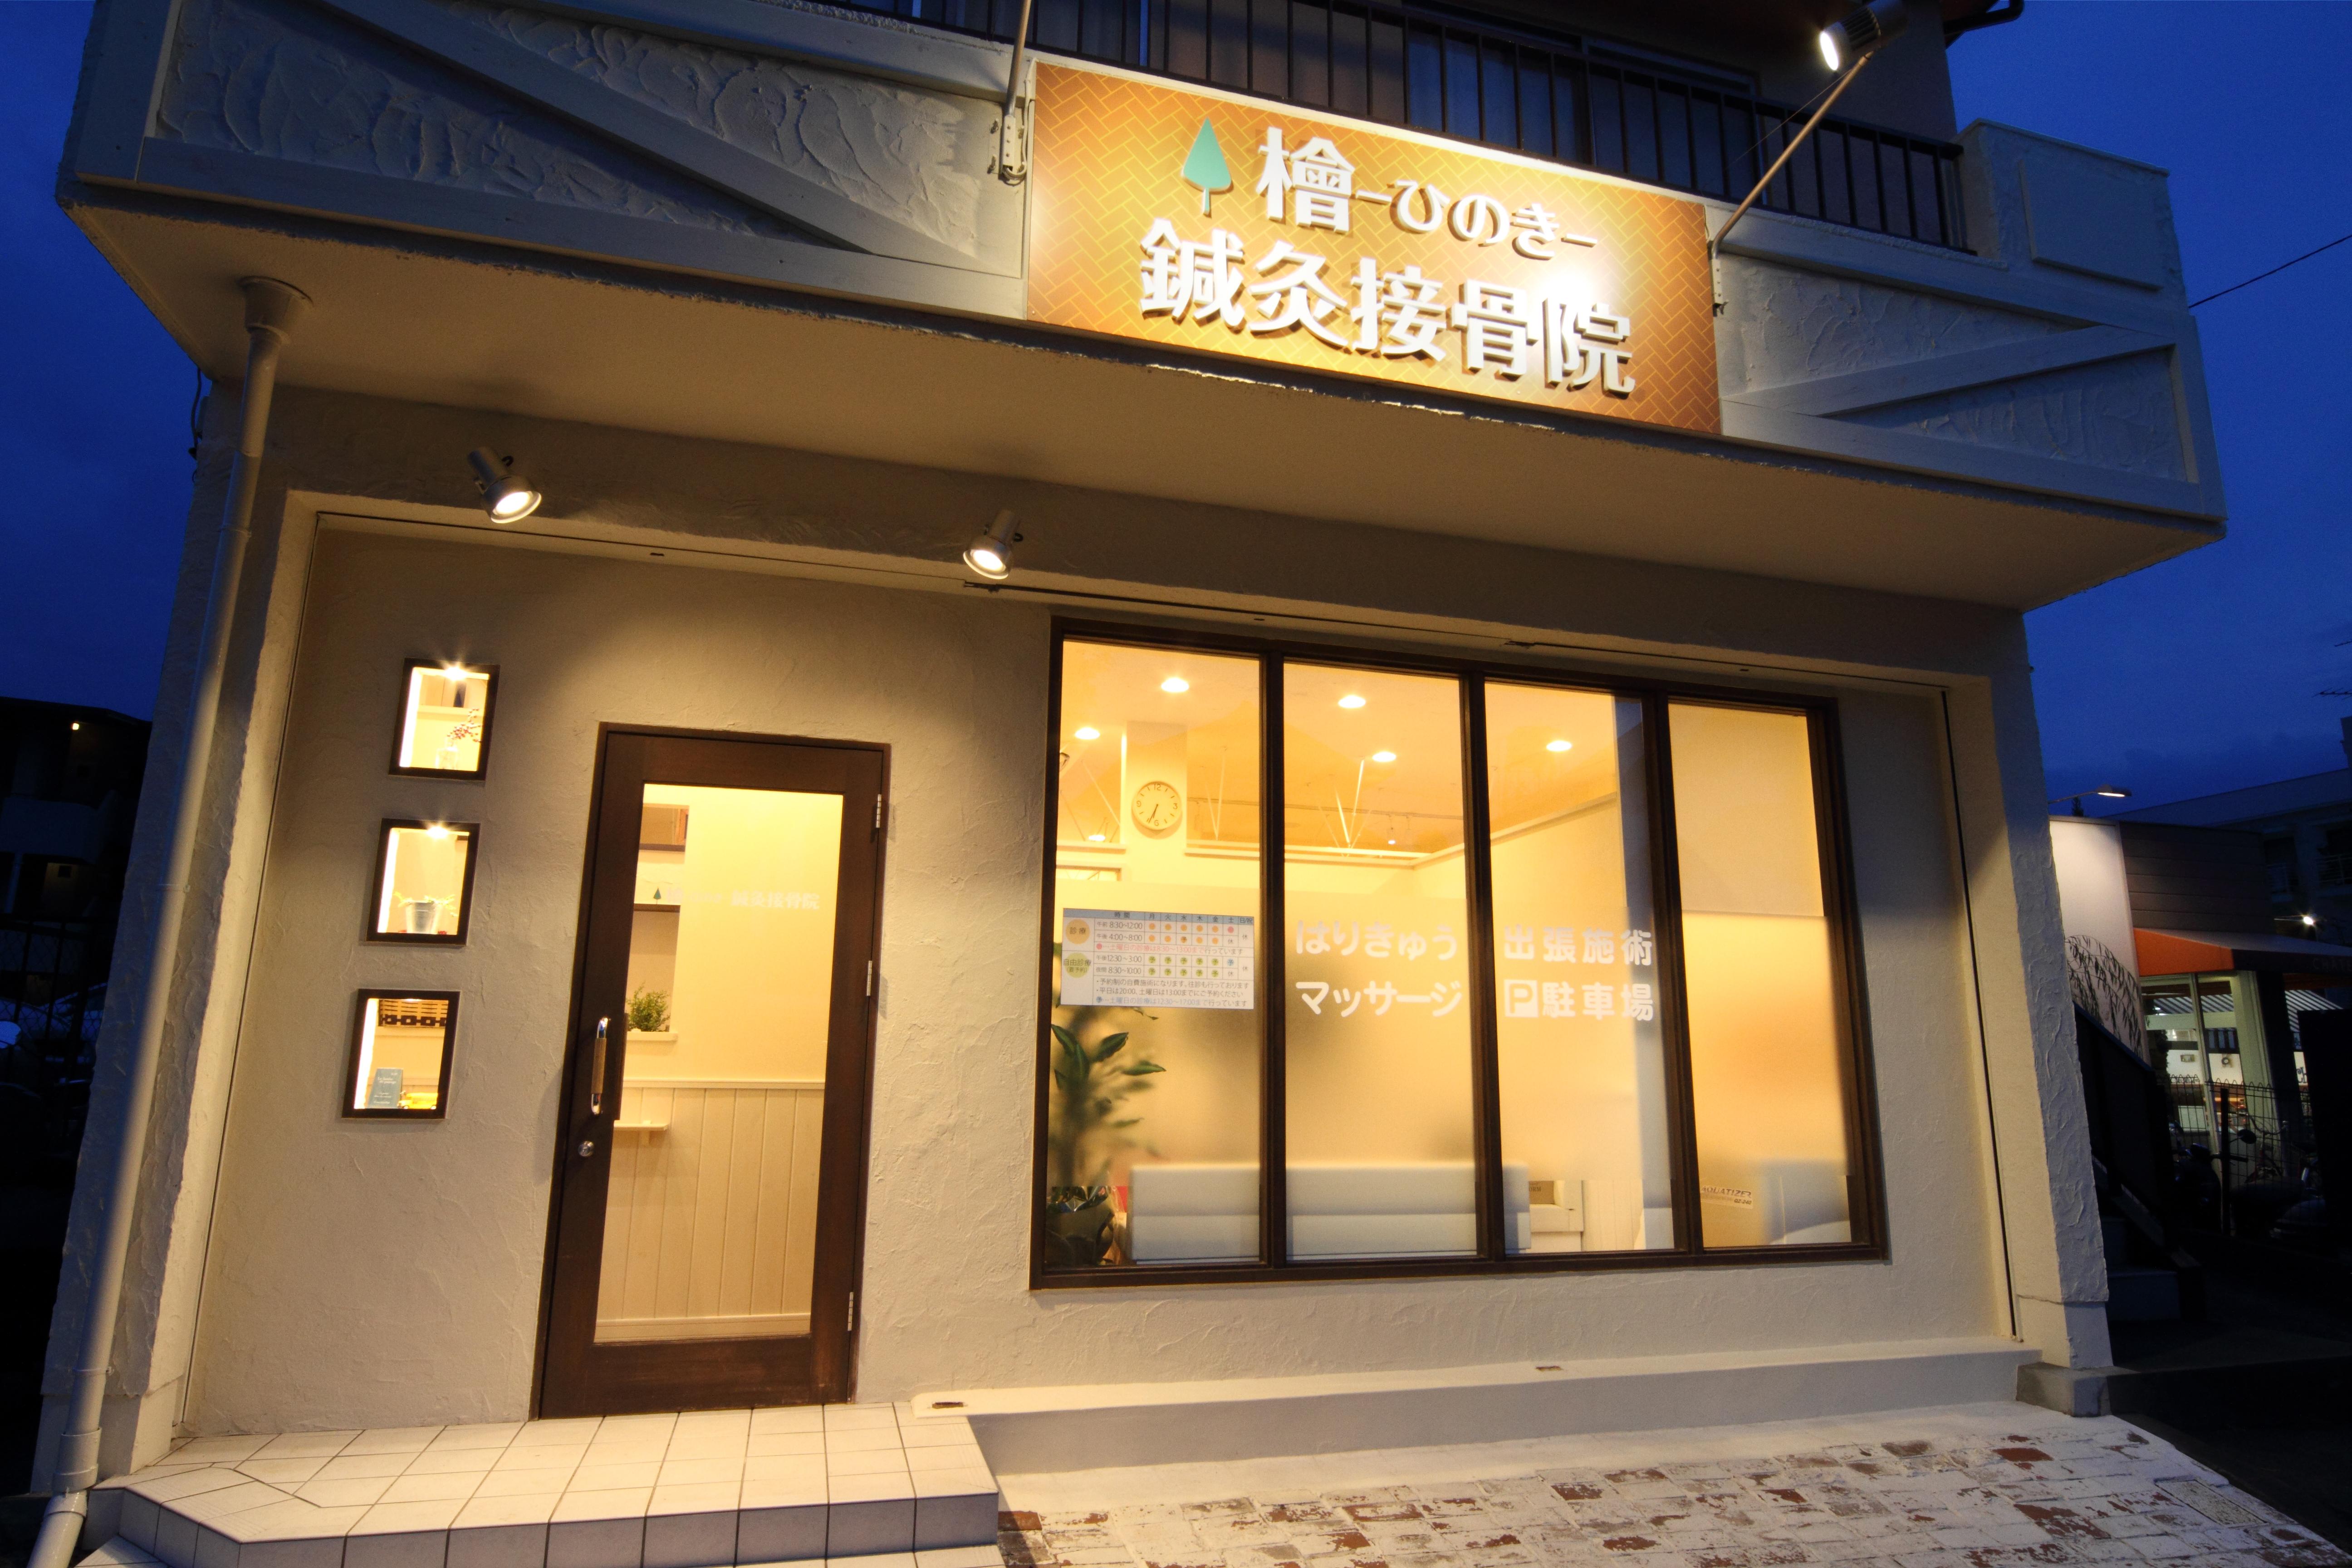 檜-ひのき-鍼灸接骨院